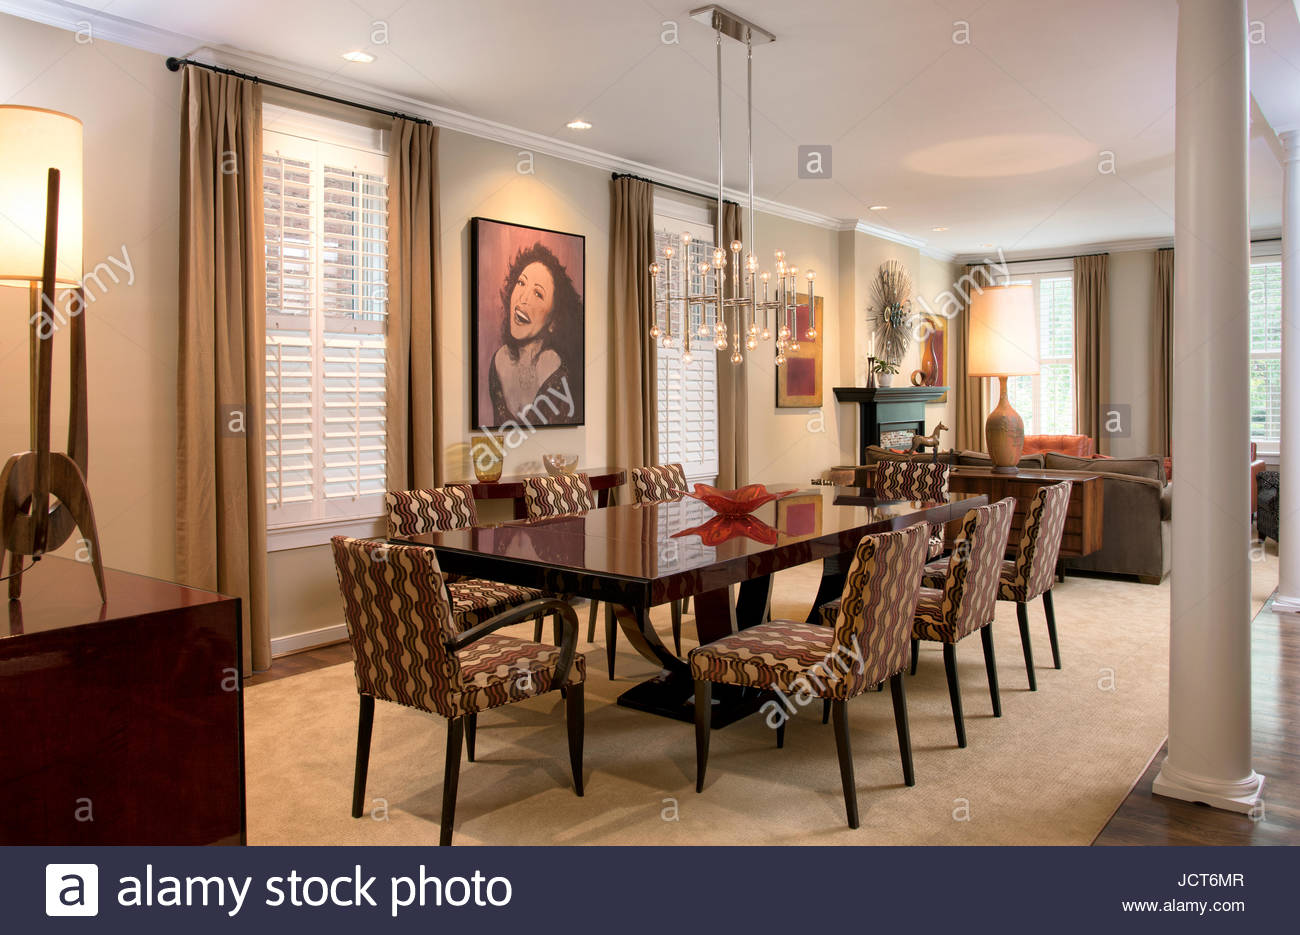 Perfekt Im Modernen Speisesaal, Karl Springer Tisch, Jonathan Adler Kronleuchter,  Dakota Jackson Stühlen.